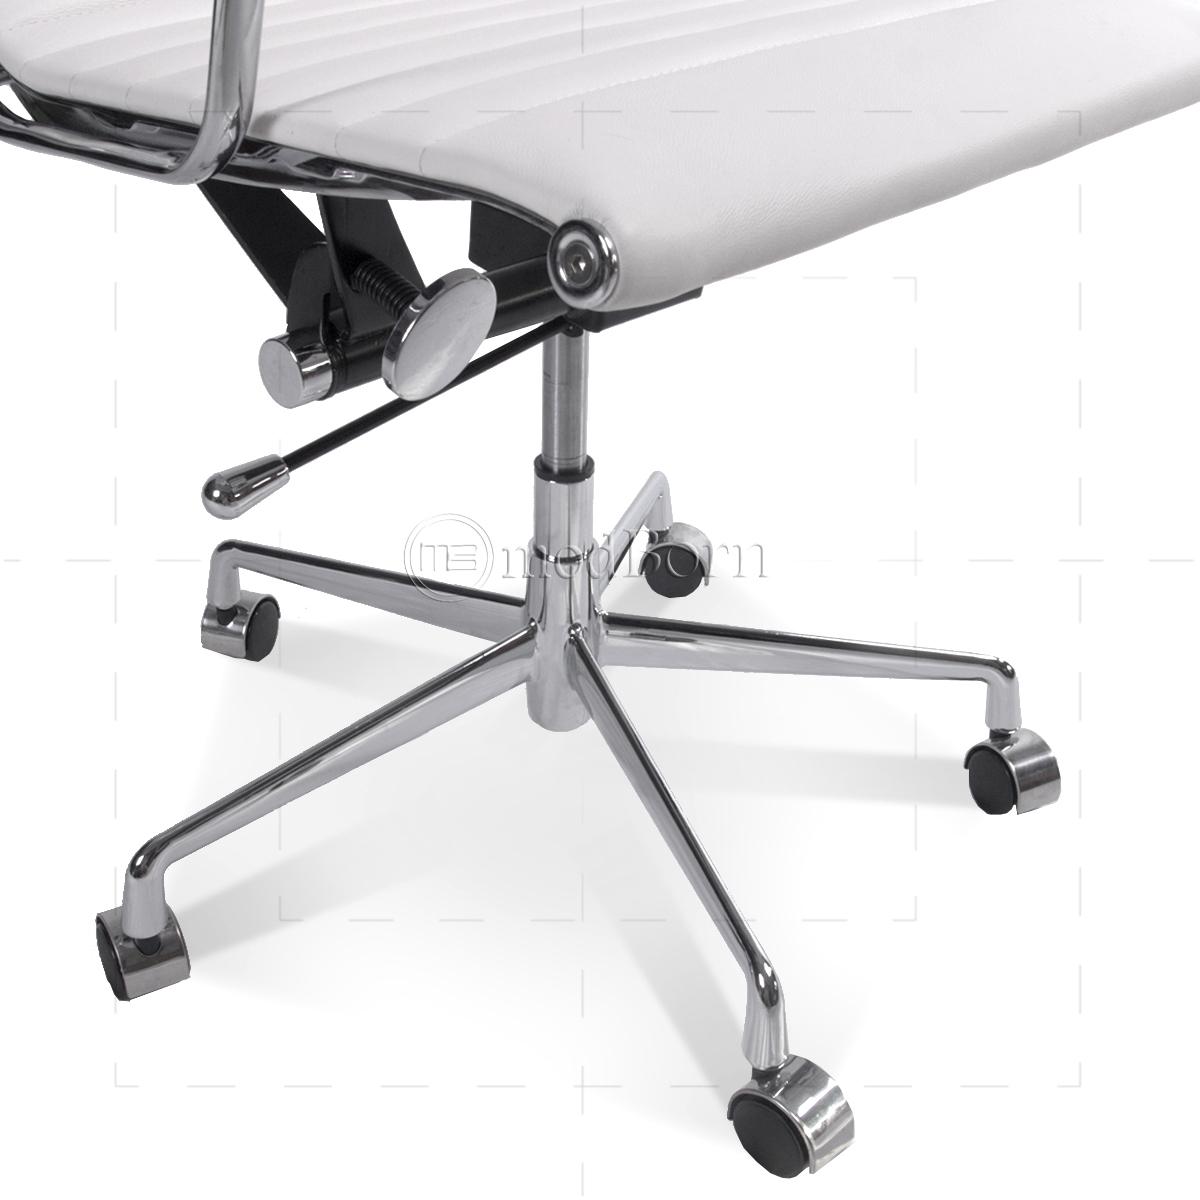 white frame office chair. White Frame Office Chair. Chair F L